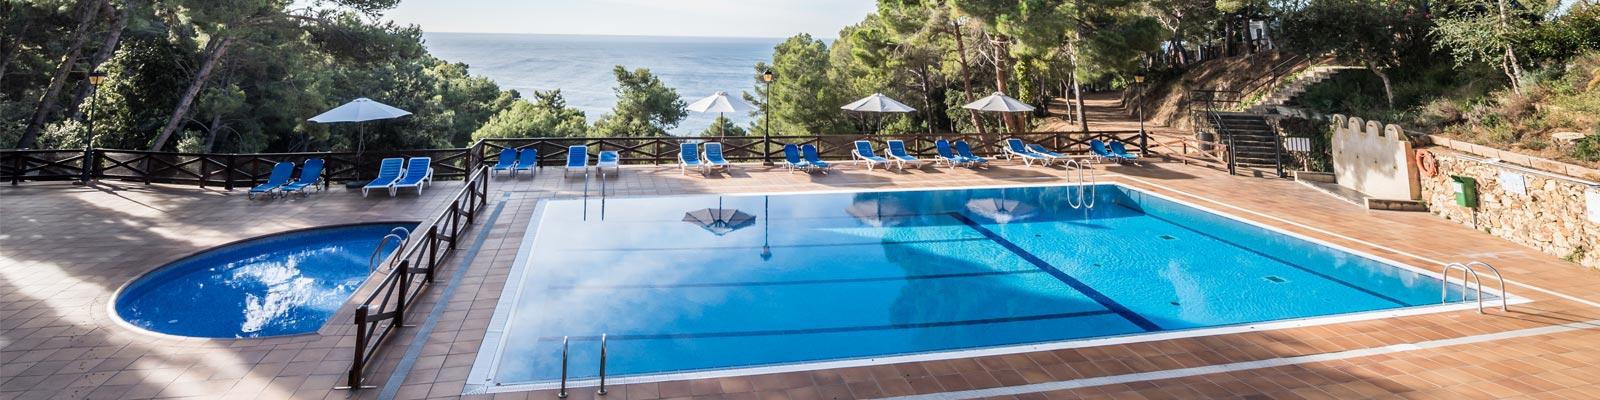 Camping con piscina espa a camping costa brava con piscina - Camping en oliva con piscina ...